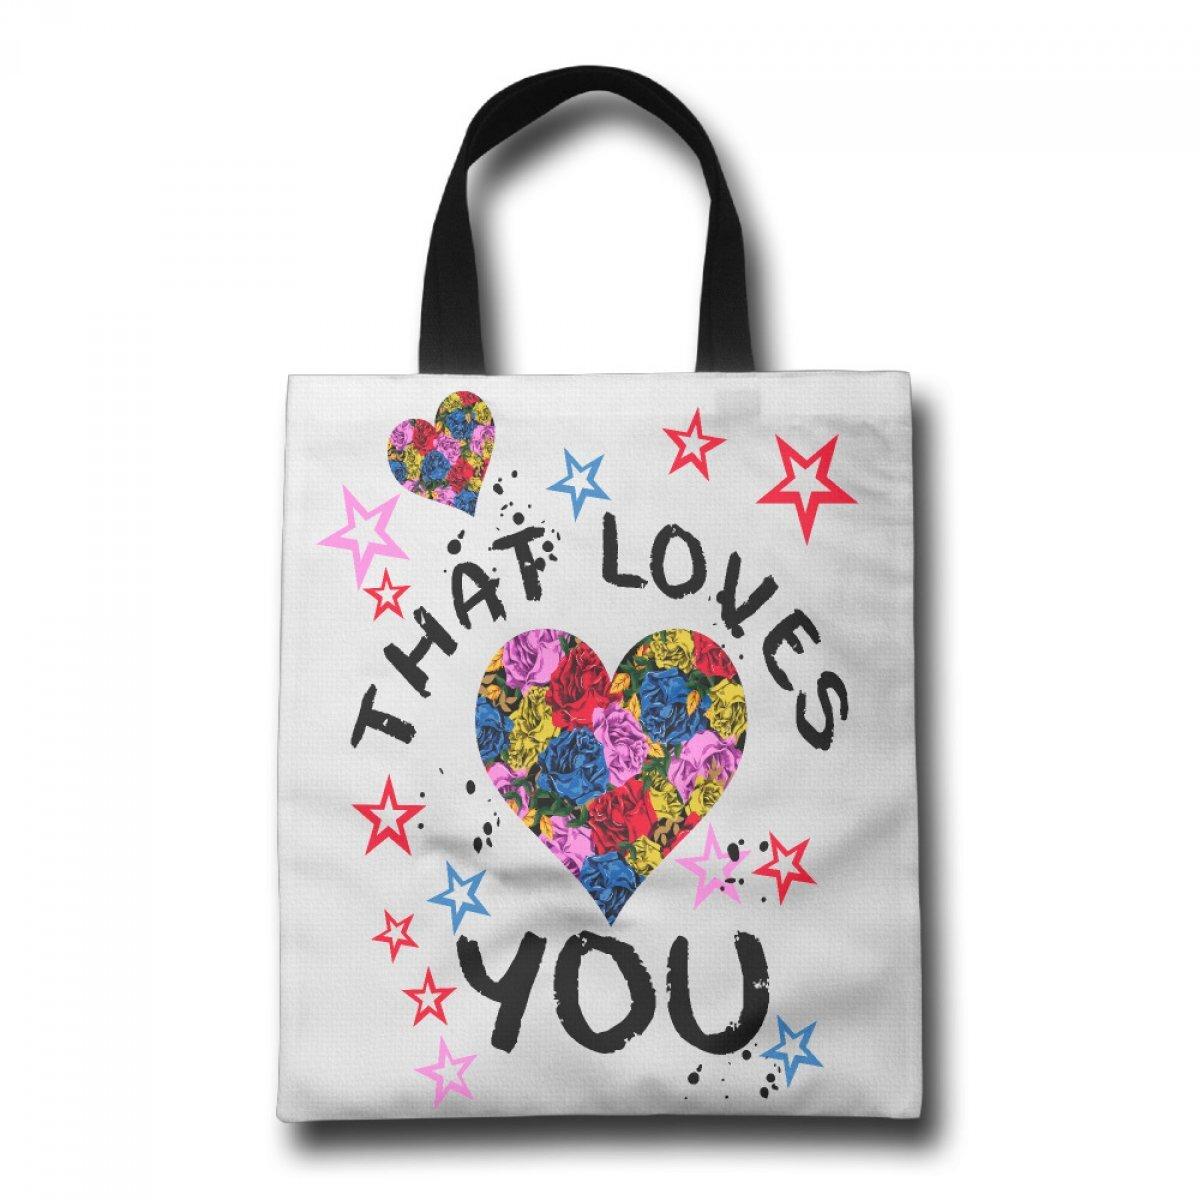 PhoRock Ladies Canvas Tote Bag Love You Printed Beach Tote GWZM005 0